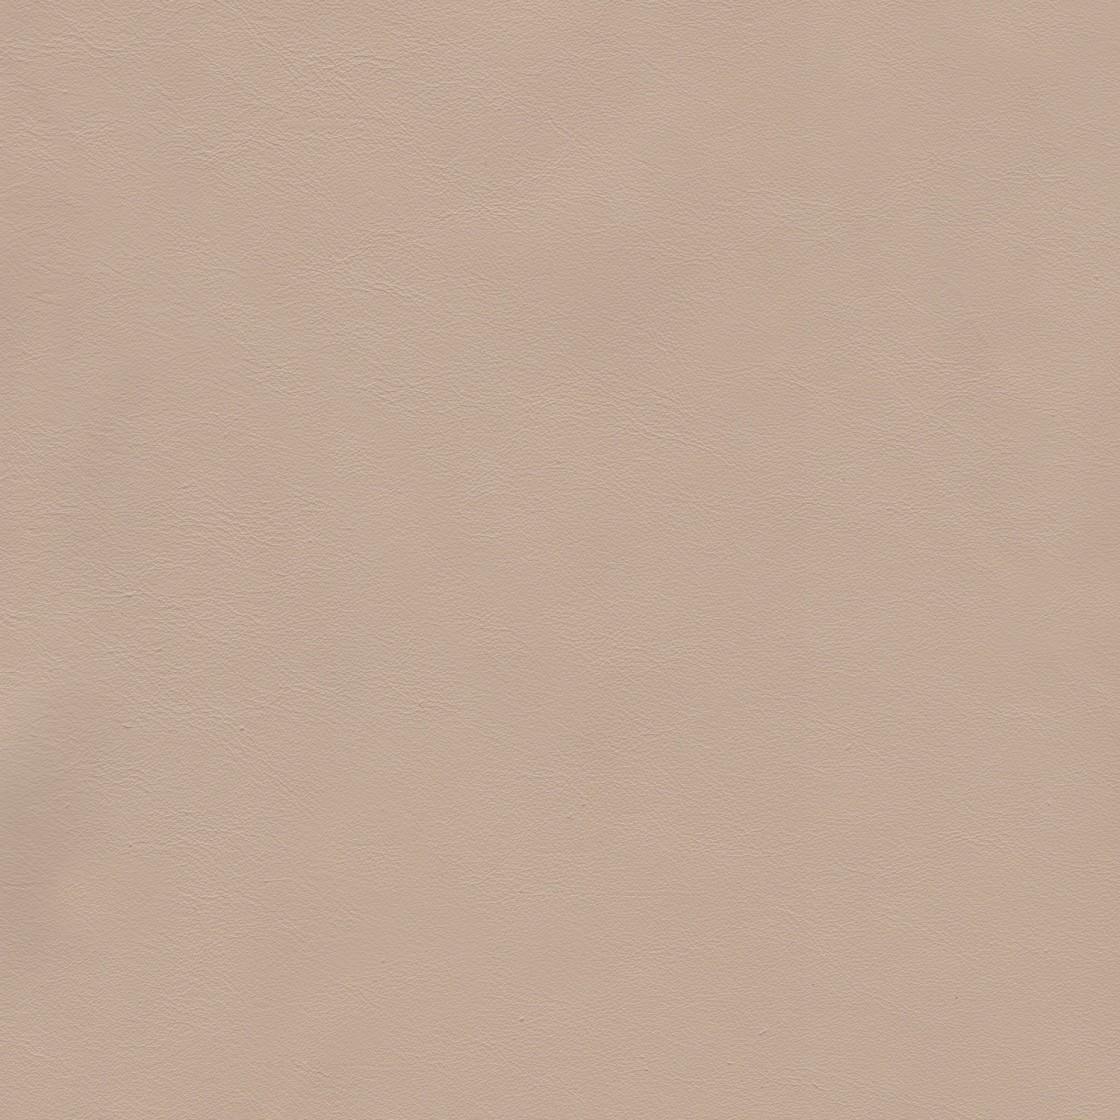 Caresse 09/11- Pleine Fleur, Nappa, 5 coloris, Lisse et perforé